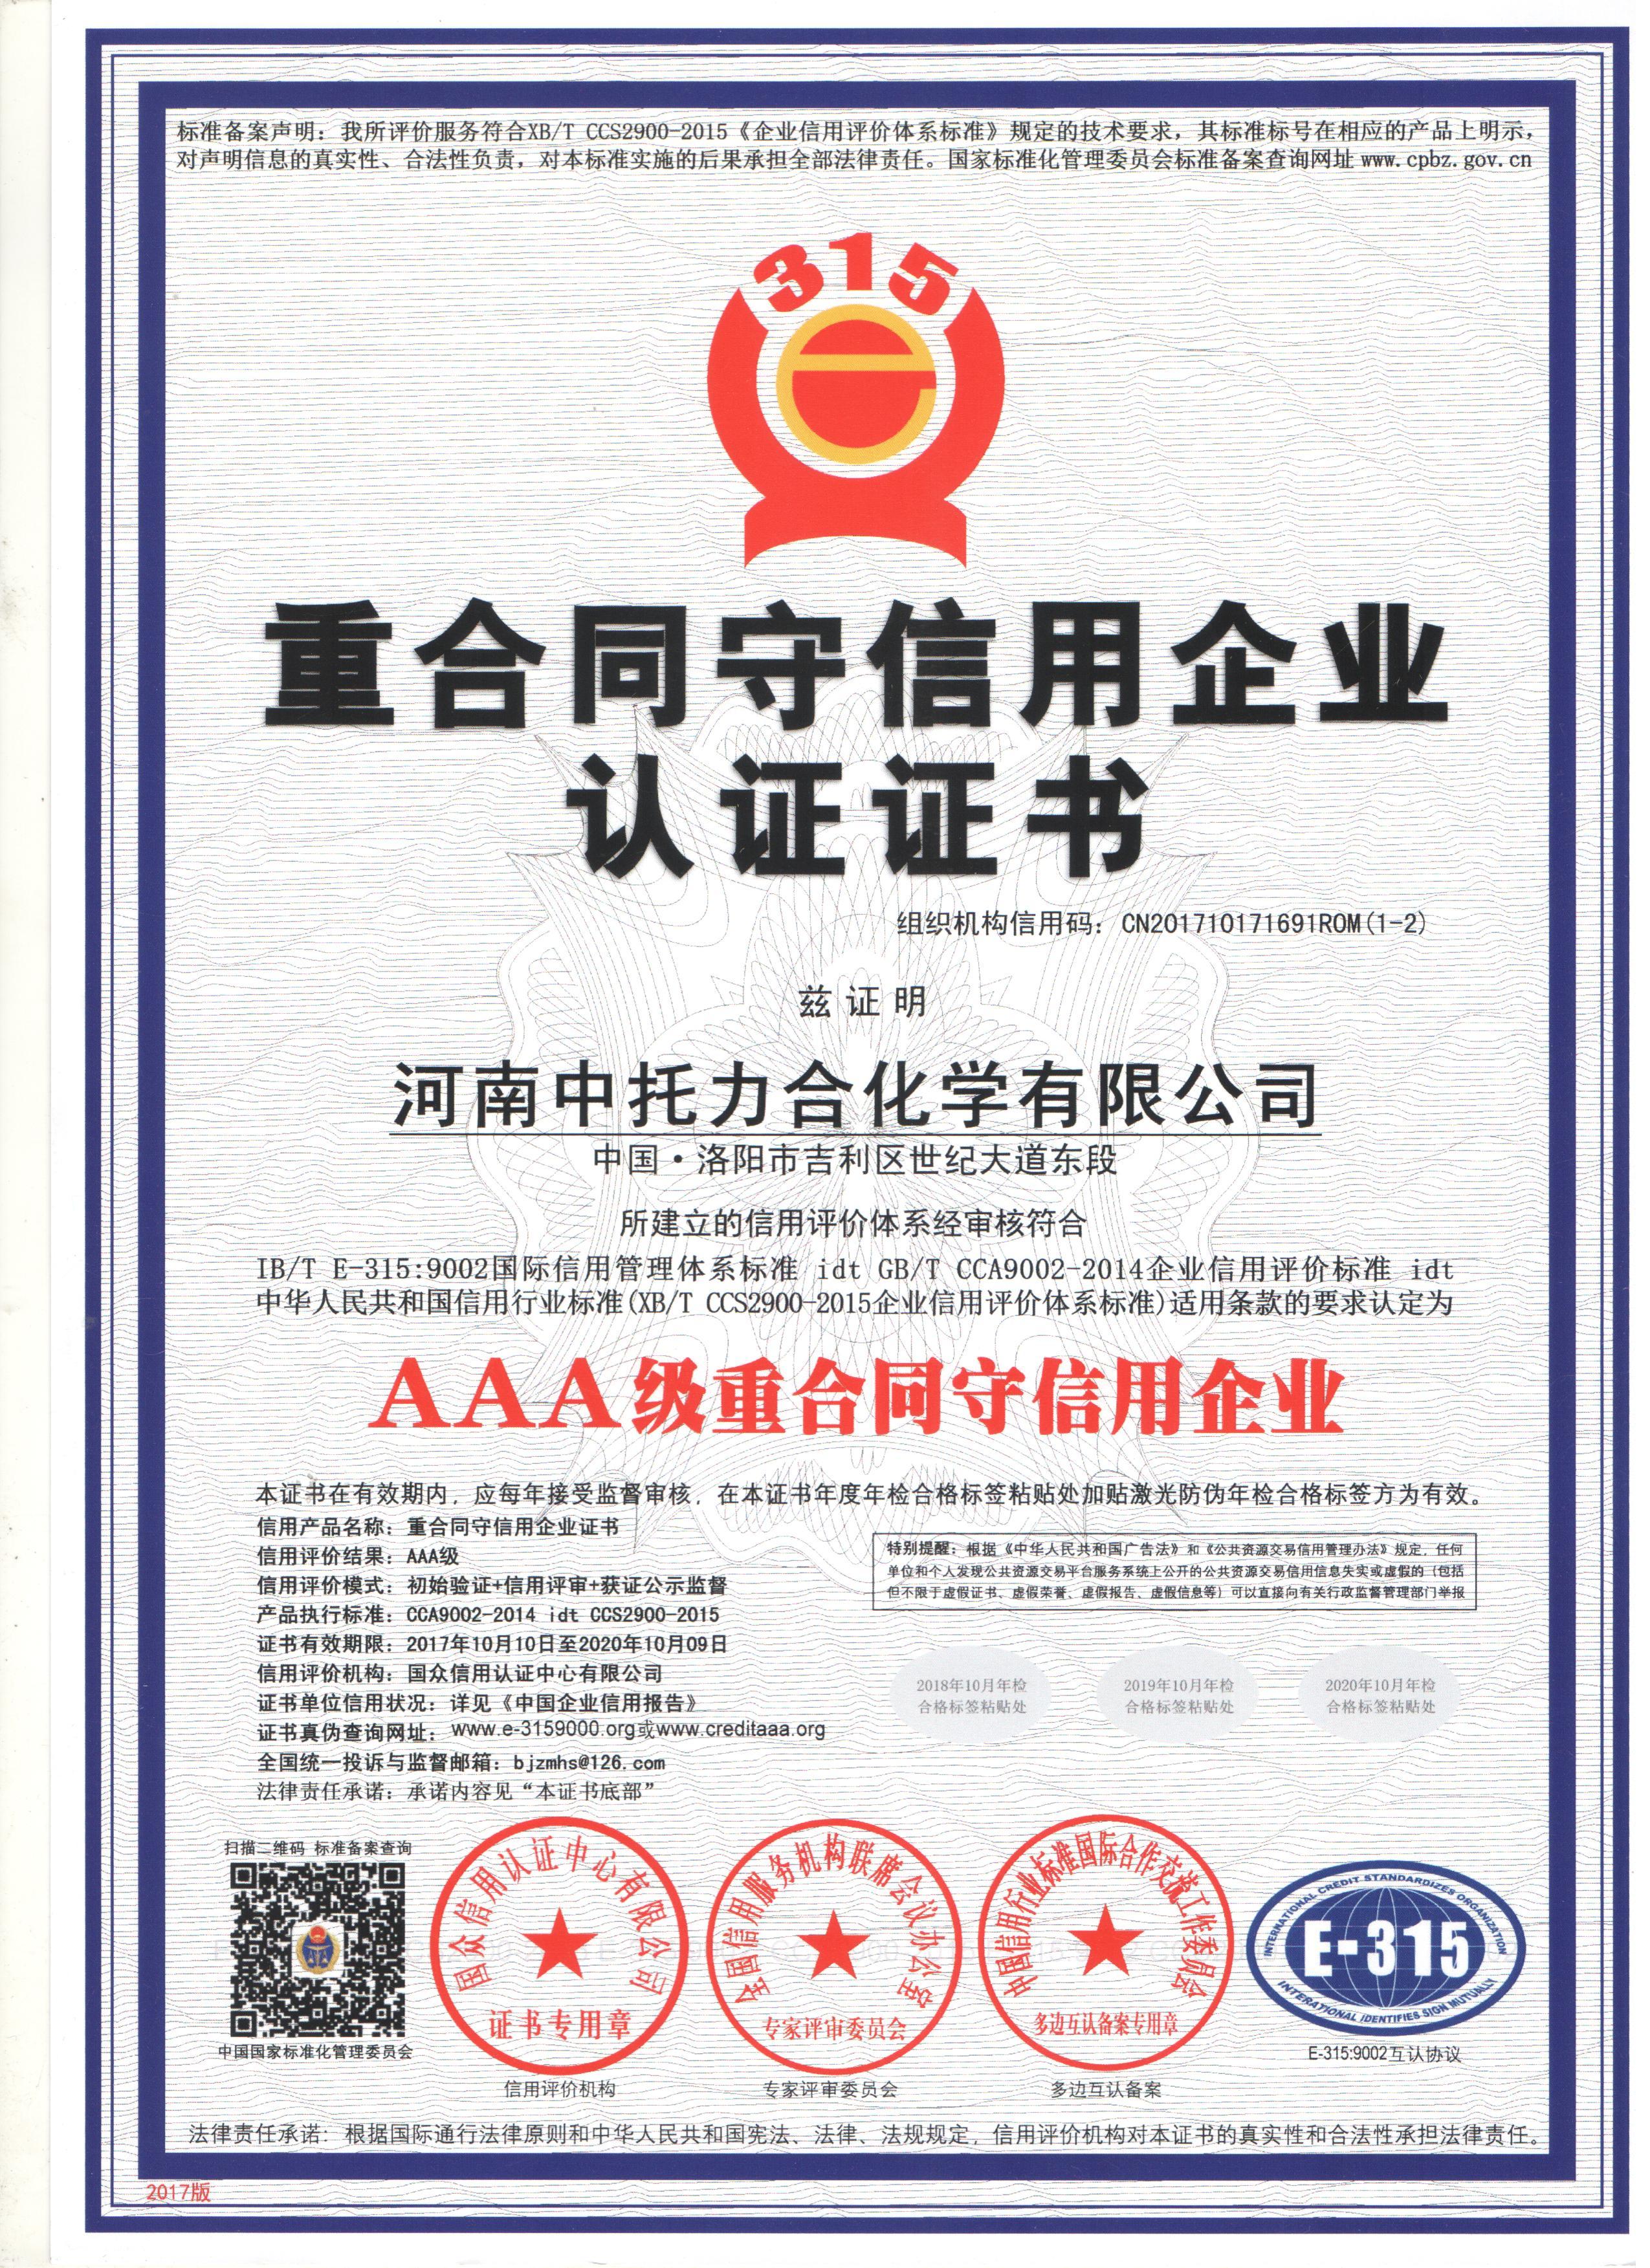 AAA级重合同守信用企业认证证书